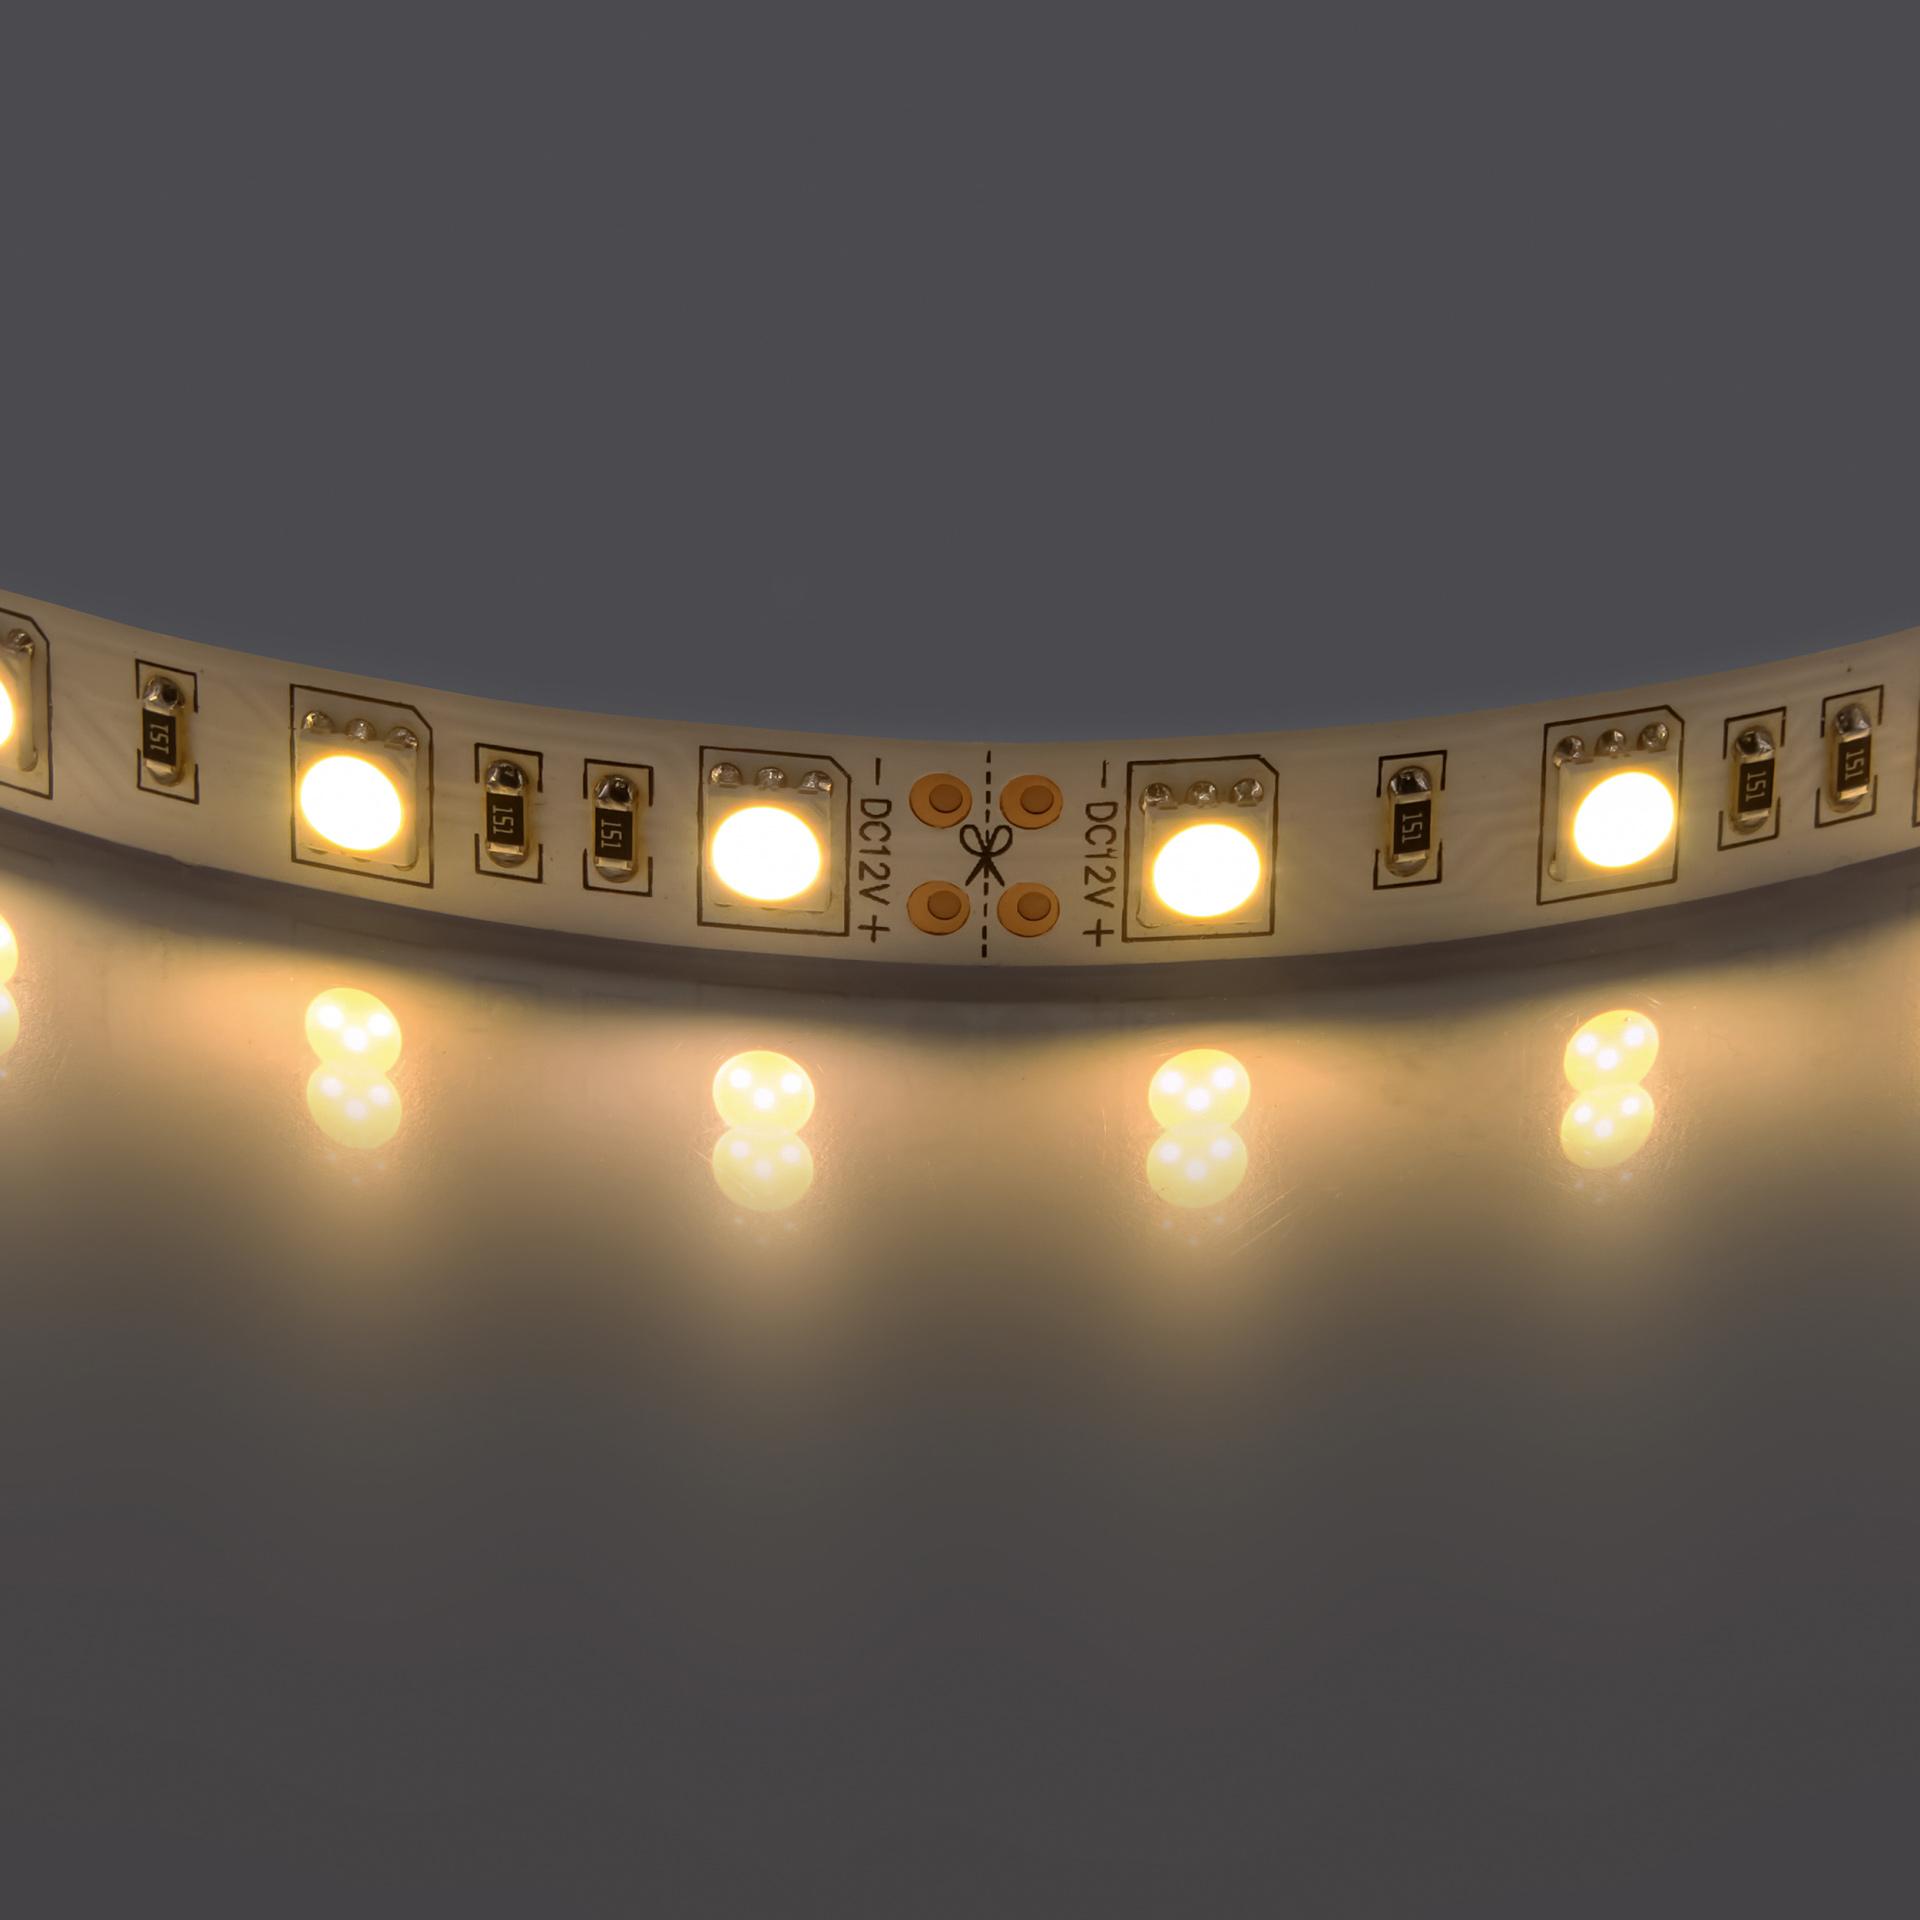 Лента 5050 LED 12V 14.4W 2700K-3000K 200m теплый белый свет Lightstar 400052, купить в СПб, Москве, с доставкой, Санкт-Петербург, интернет-магазин люстр и светильников Starlight, фото в жизни